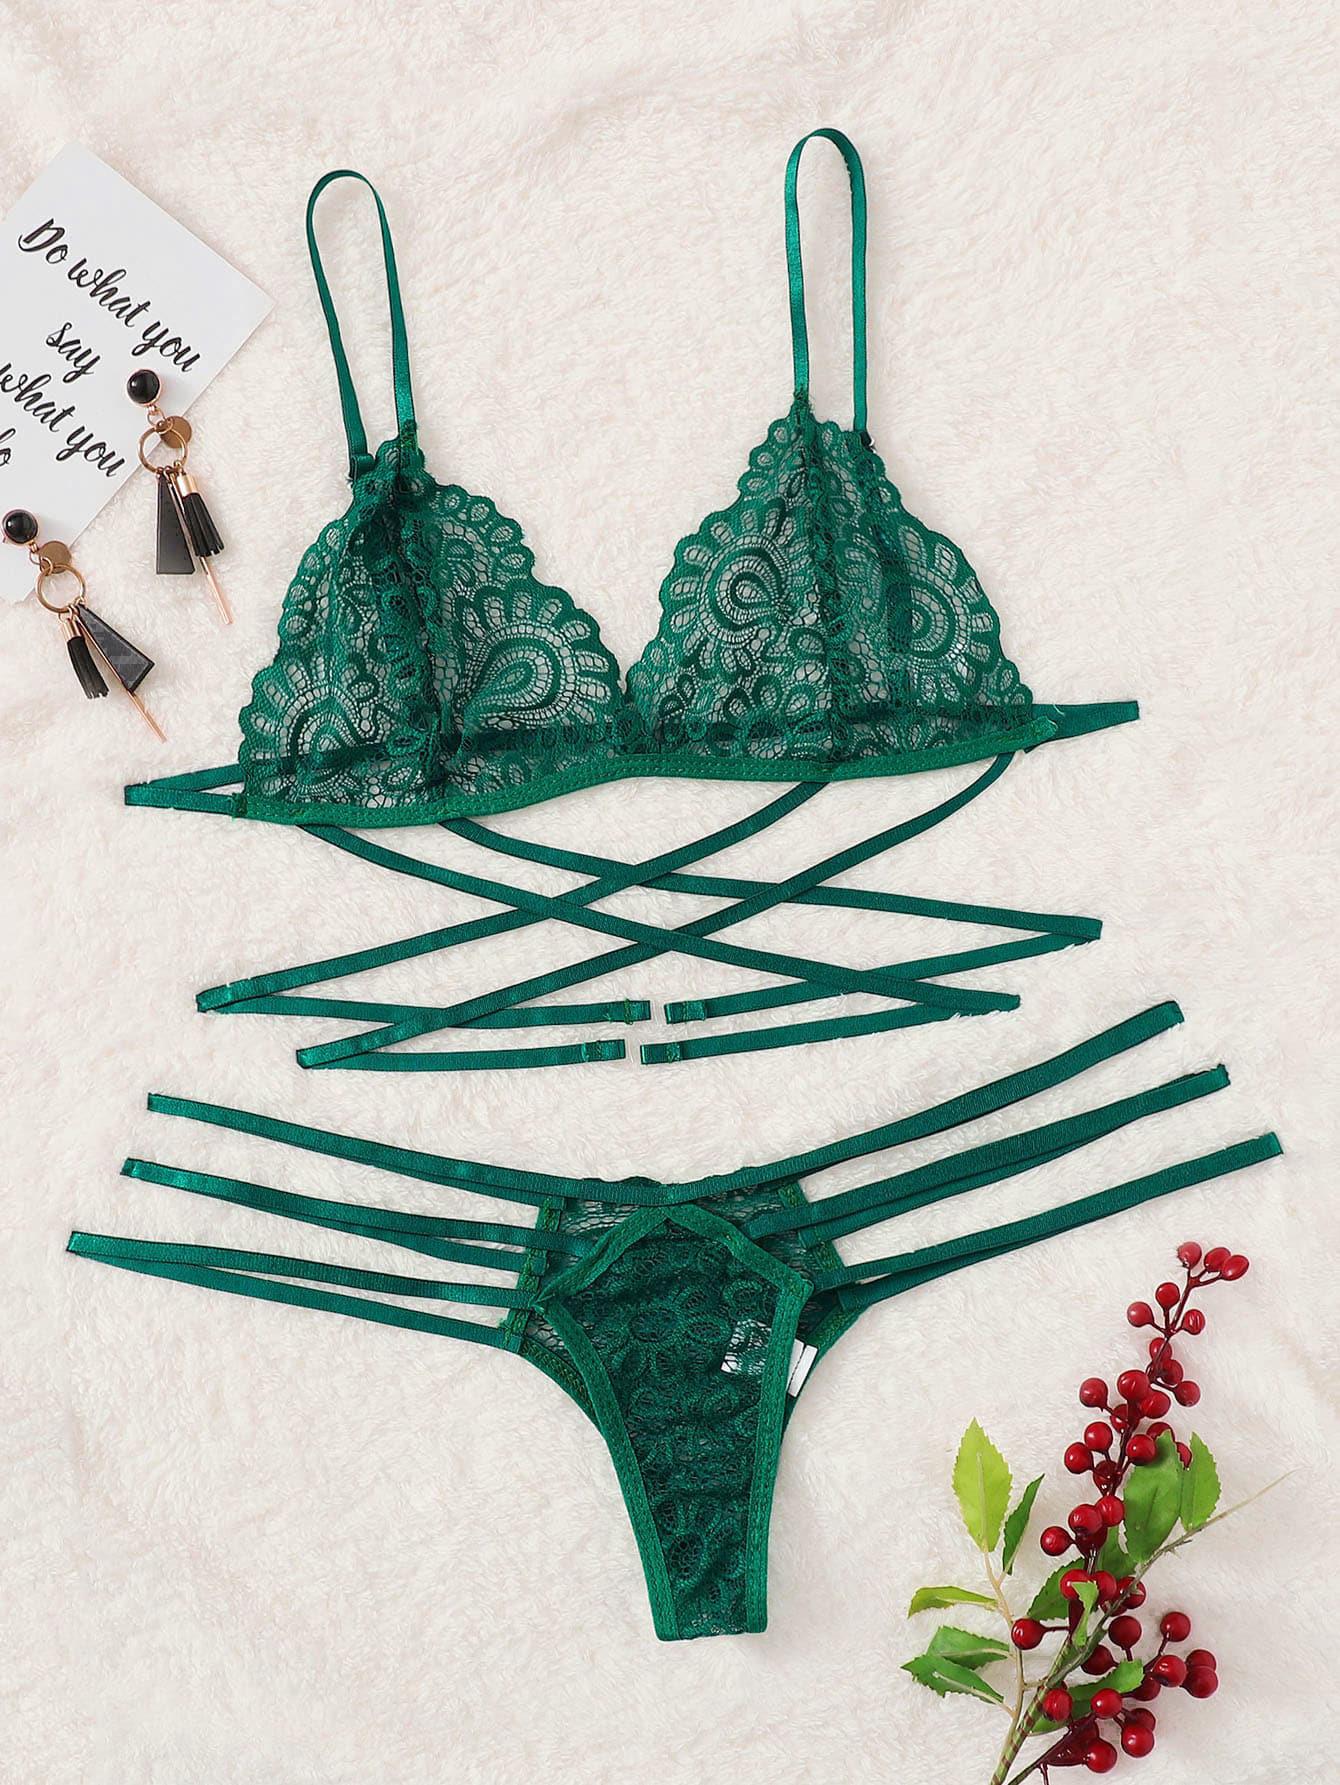 Hdcd059bbb0814e2e8caa9e9643e0a4d39 Lencería erótica de encaje transparente para mujer, ropa interior ahuecada, trajes de tres puntos, lencería Sexy, cinturón sexual